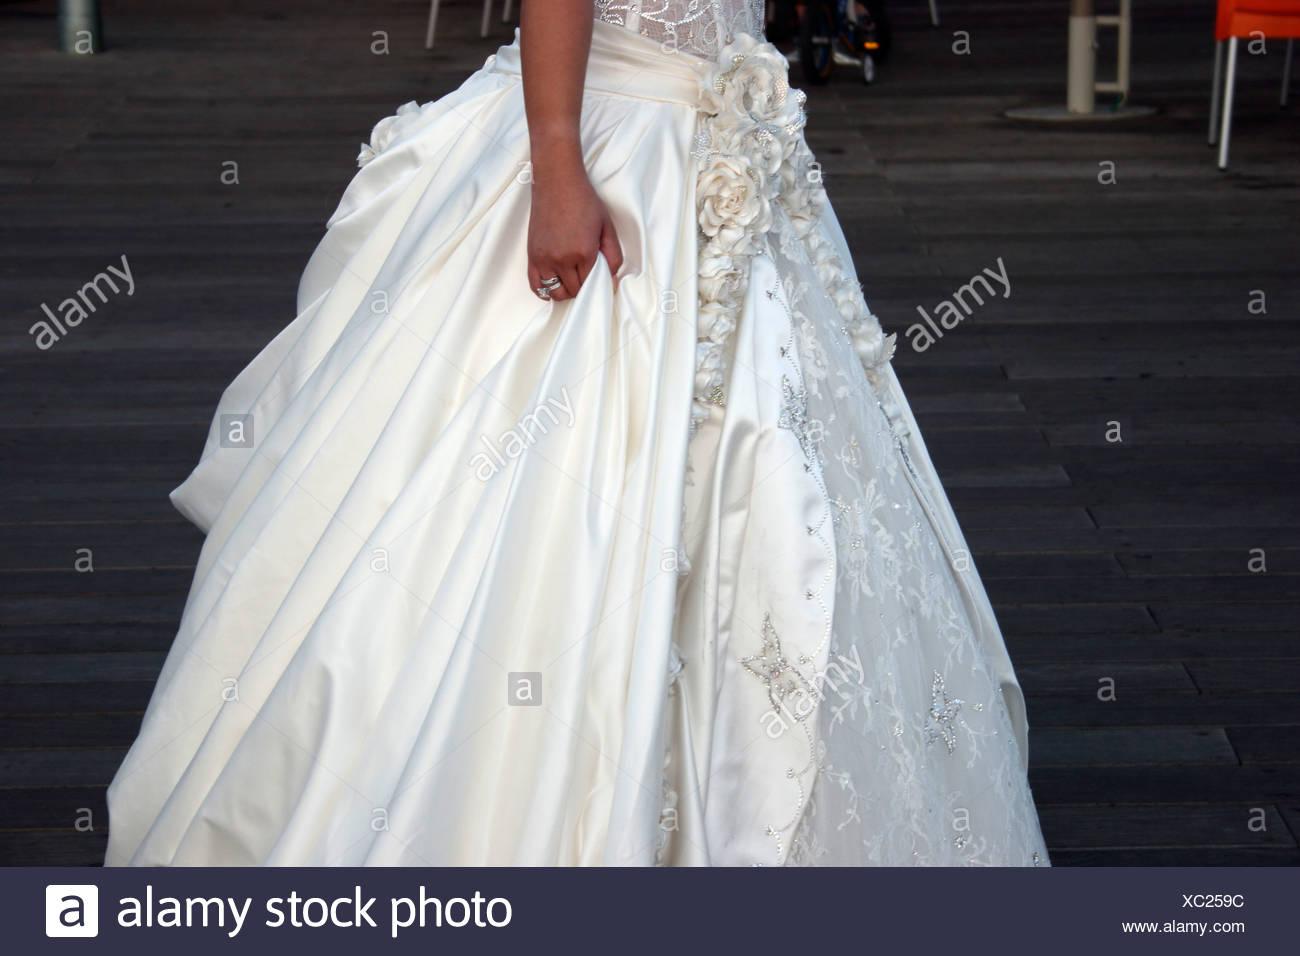 A Jewish bride in her wedding dress Stock Photo: 282789848 - Alamy